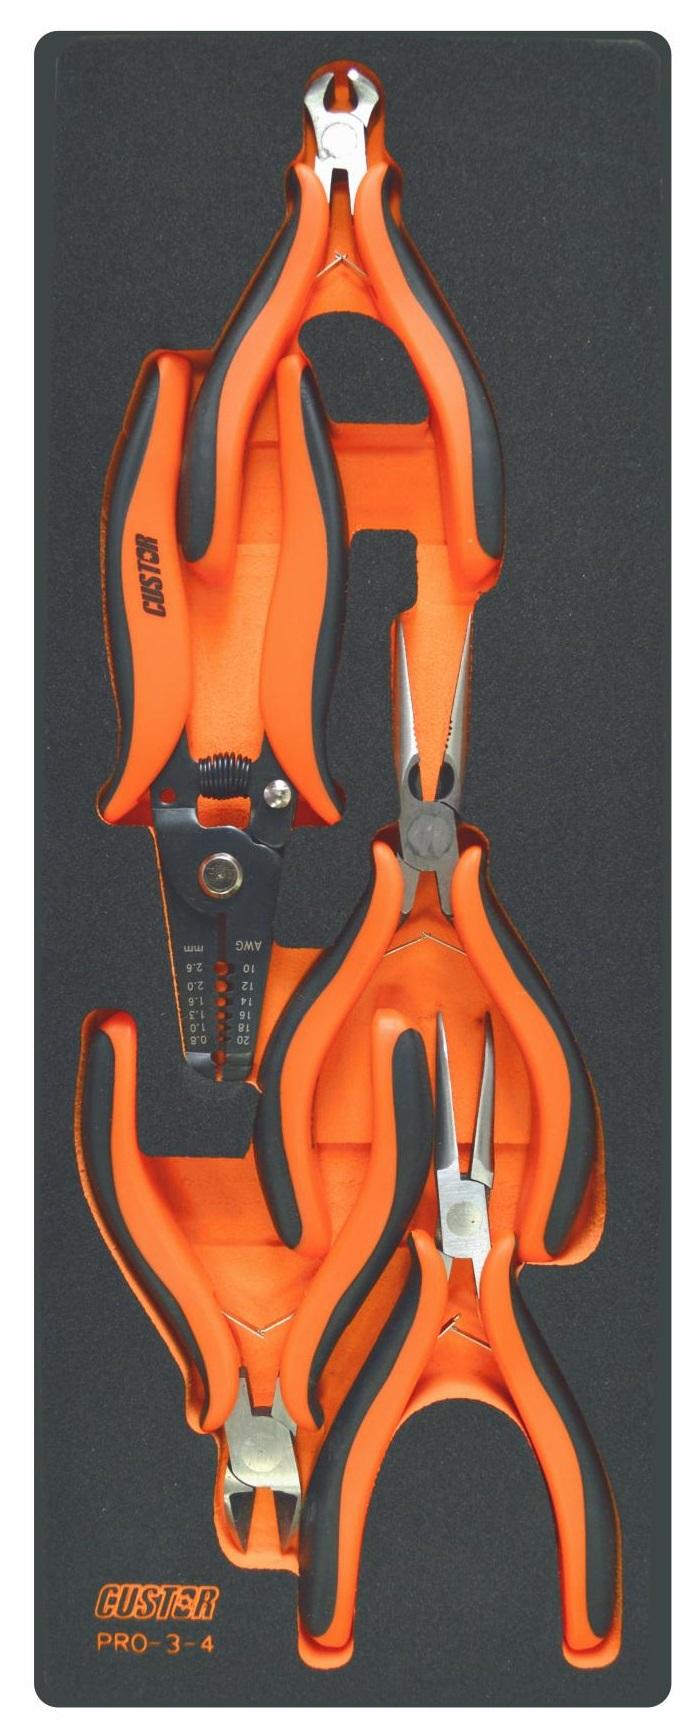 Набор инструментов Custor Pro-3-4 samsonite чемодан 4 х колесный pro dlx 5